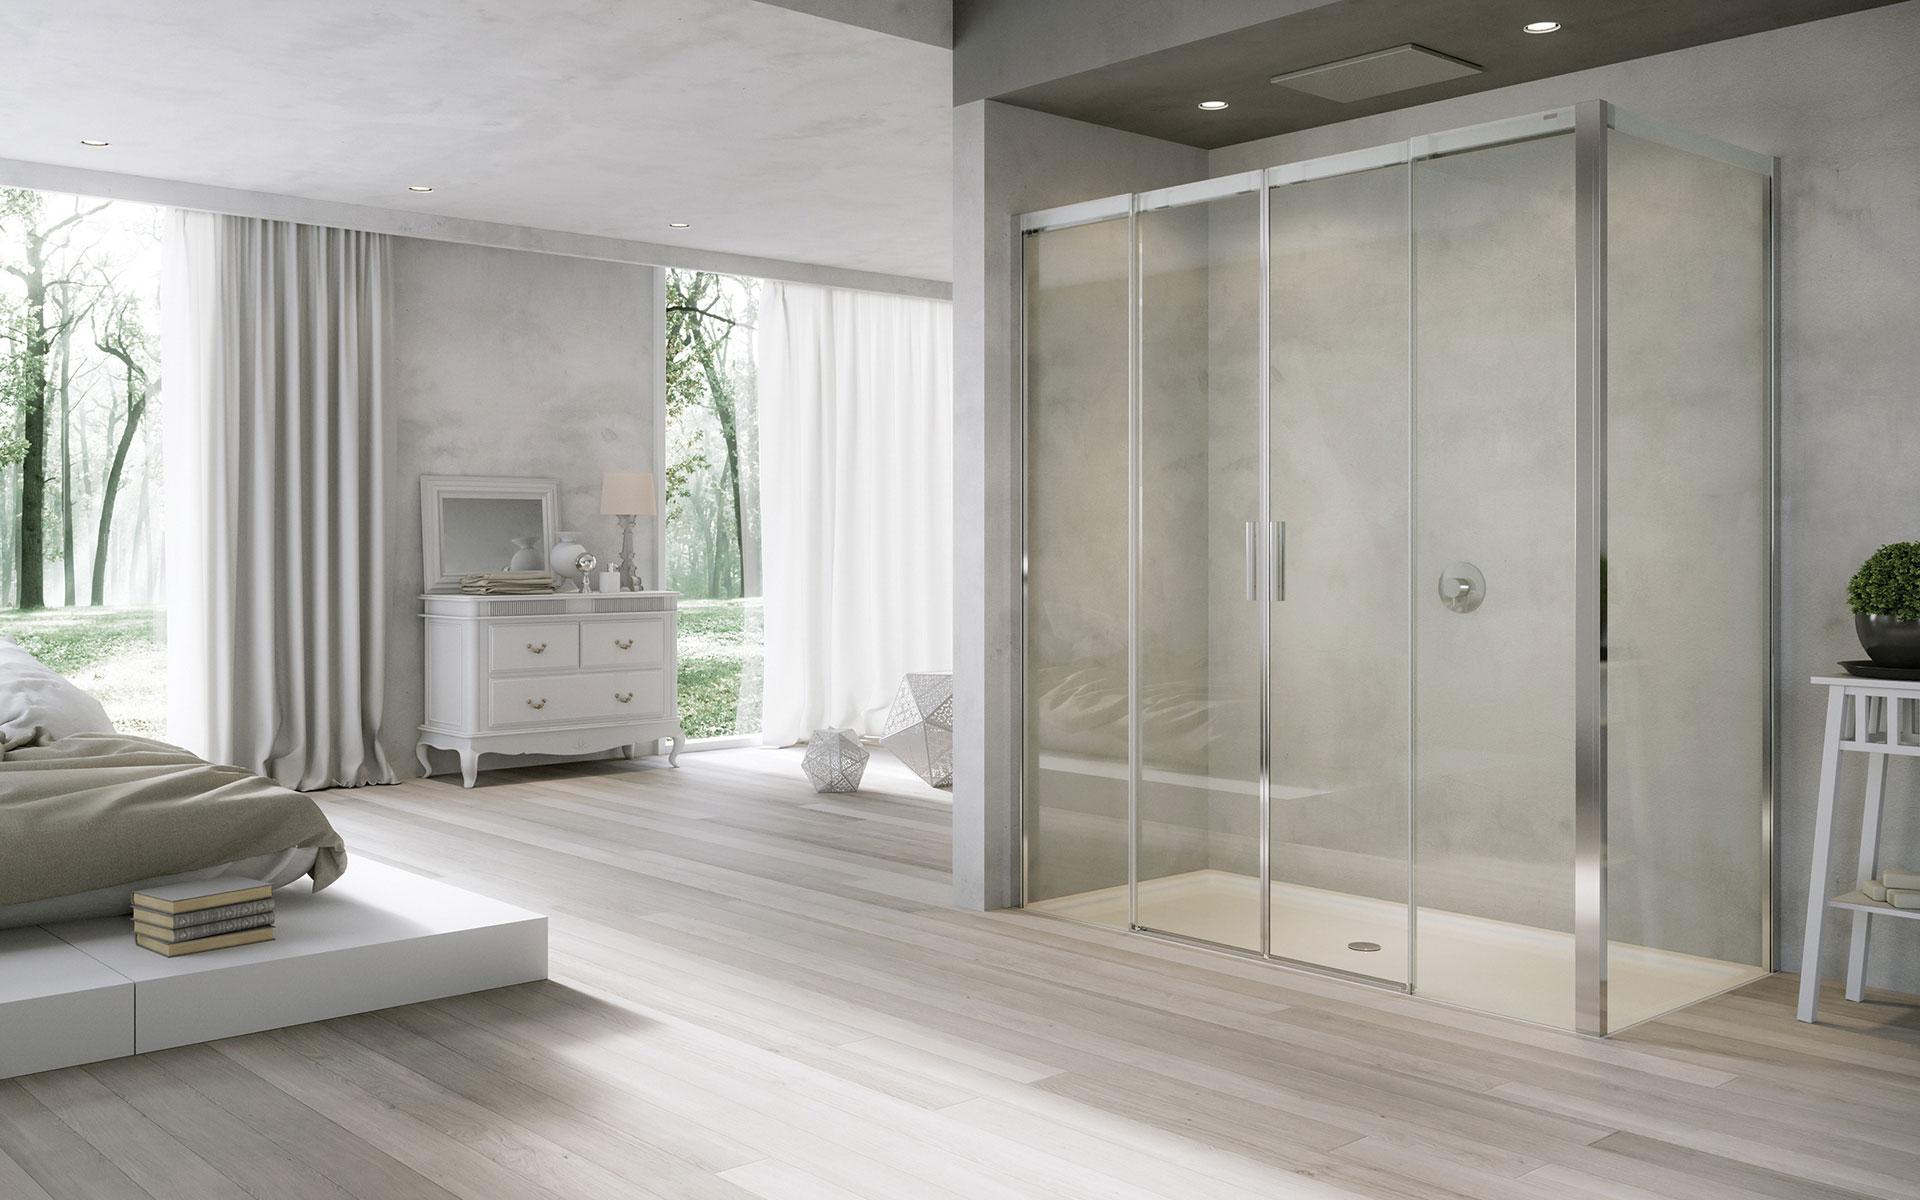 Strak Landelijke Badkamer : Badkamers en sanitair kremer keukens showroom opruiming